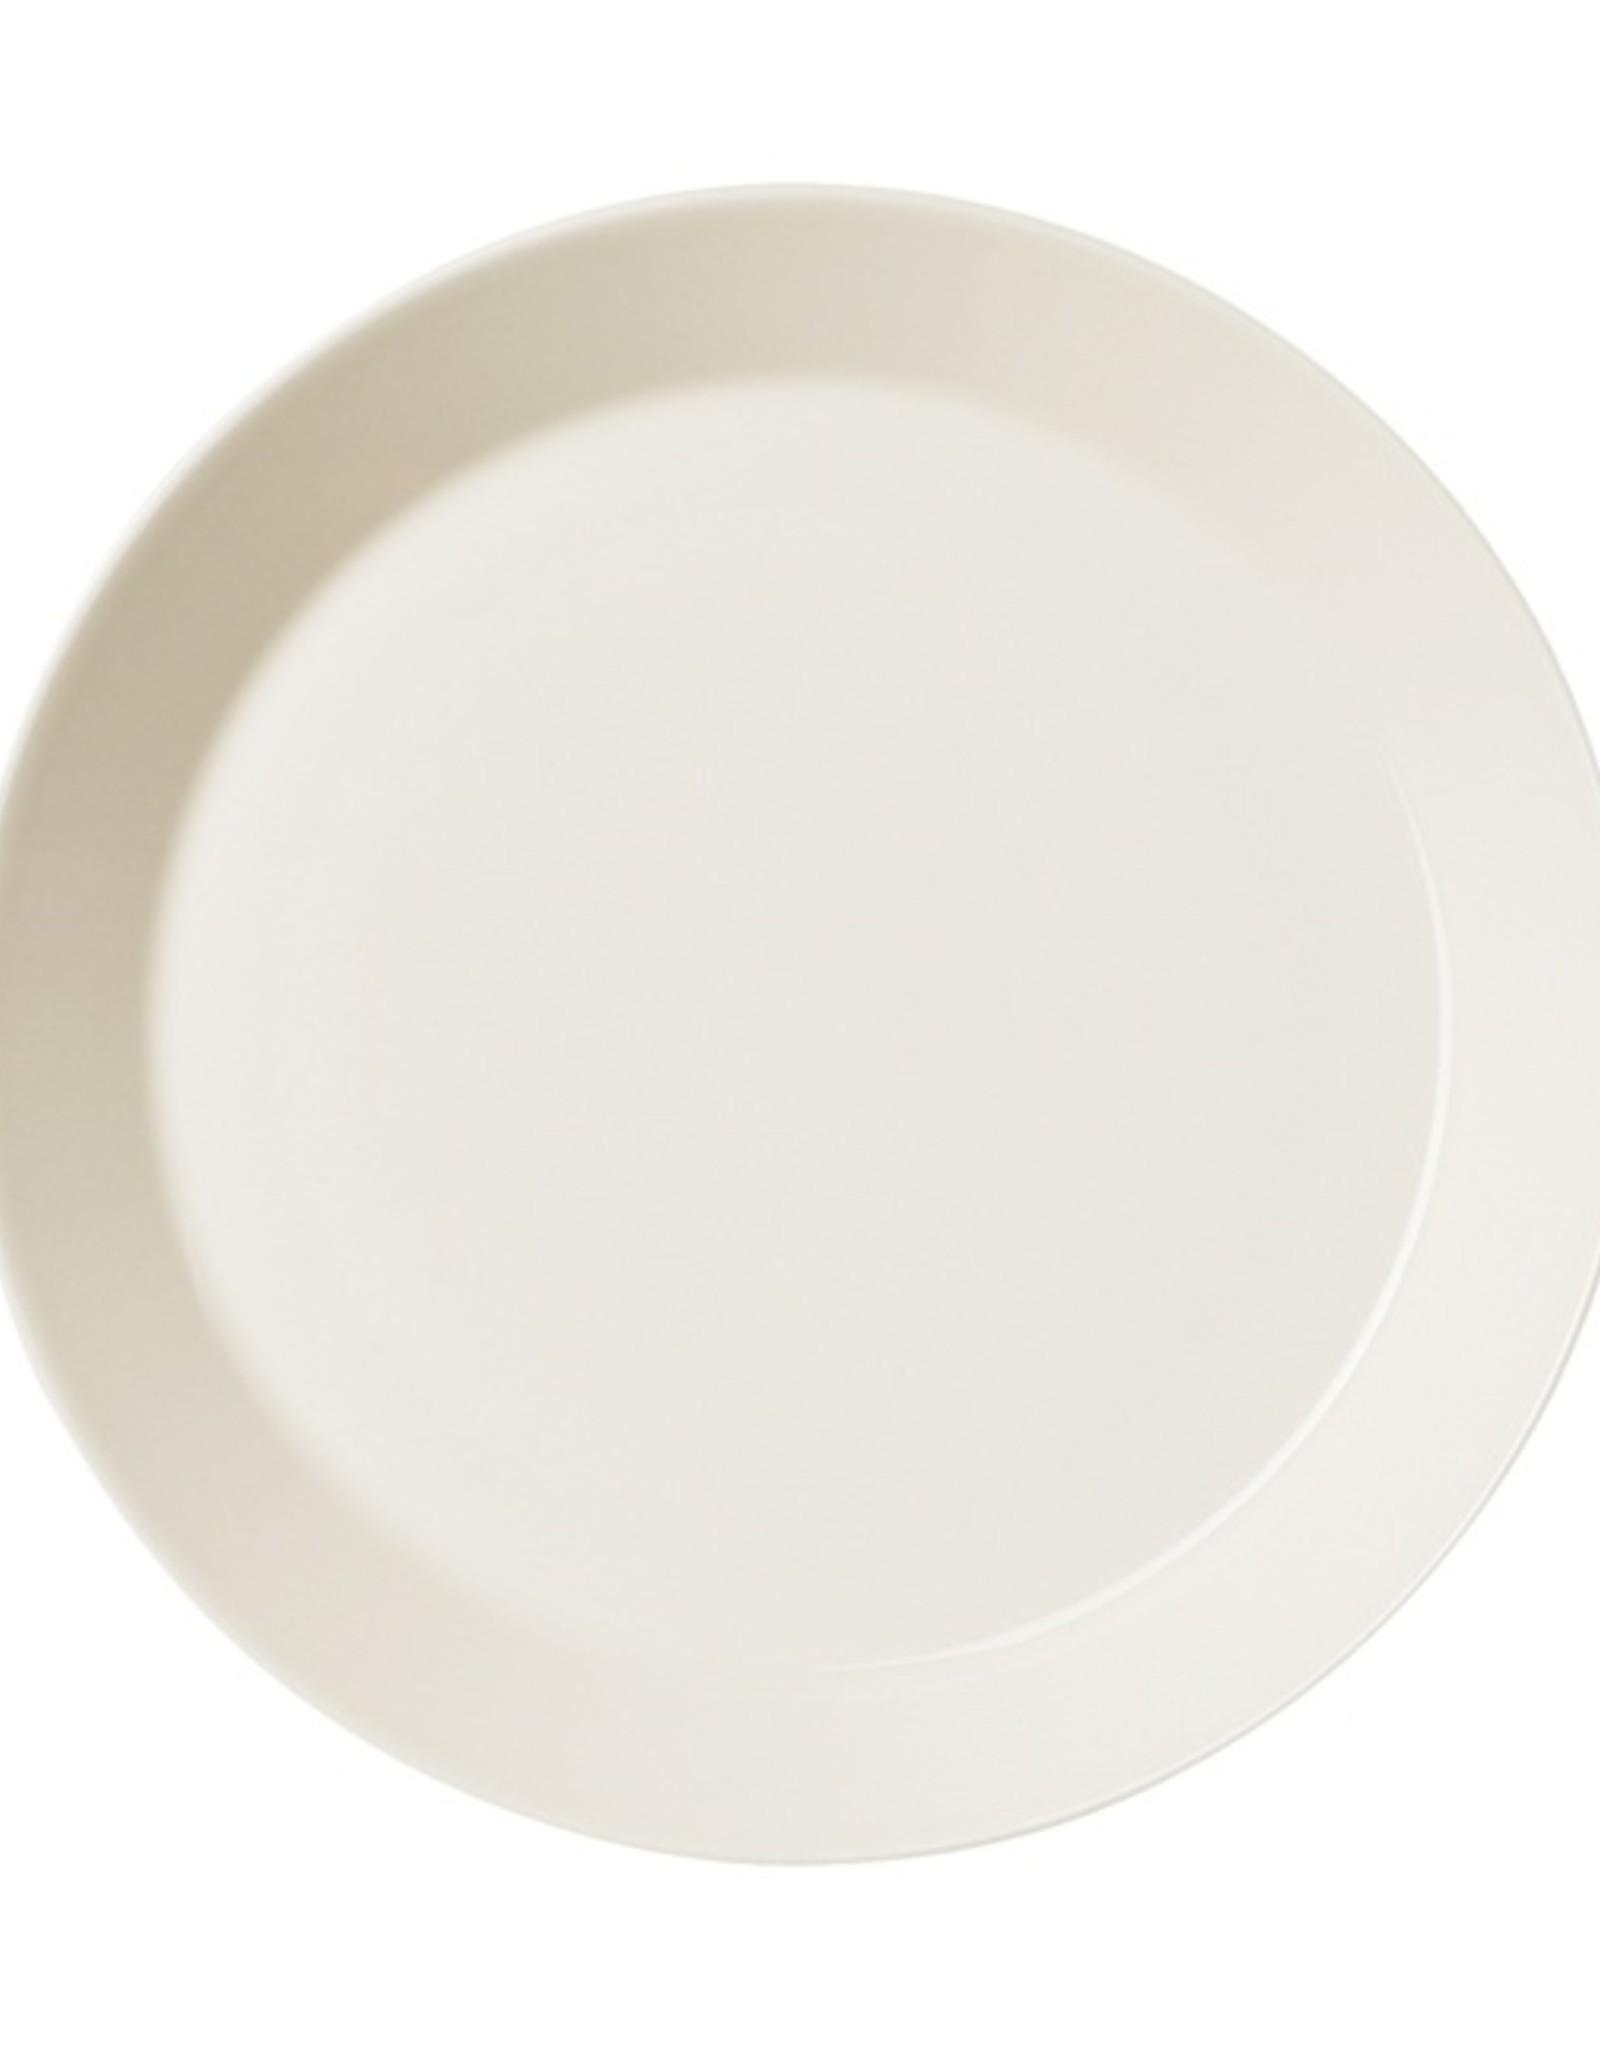 Iittala Iittala Teema Bord - diep bord - Ø 23 cm - Wit